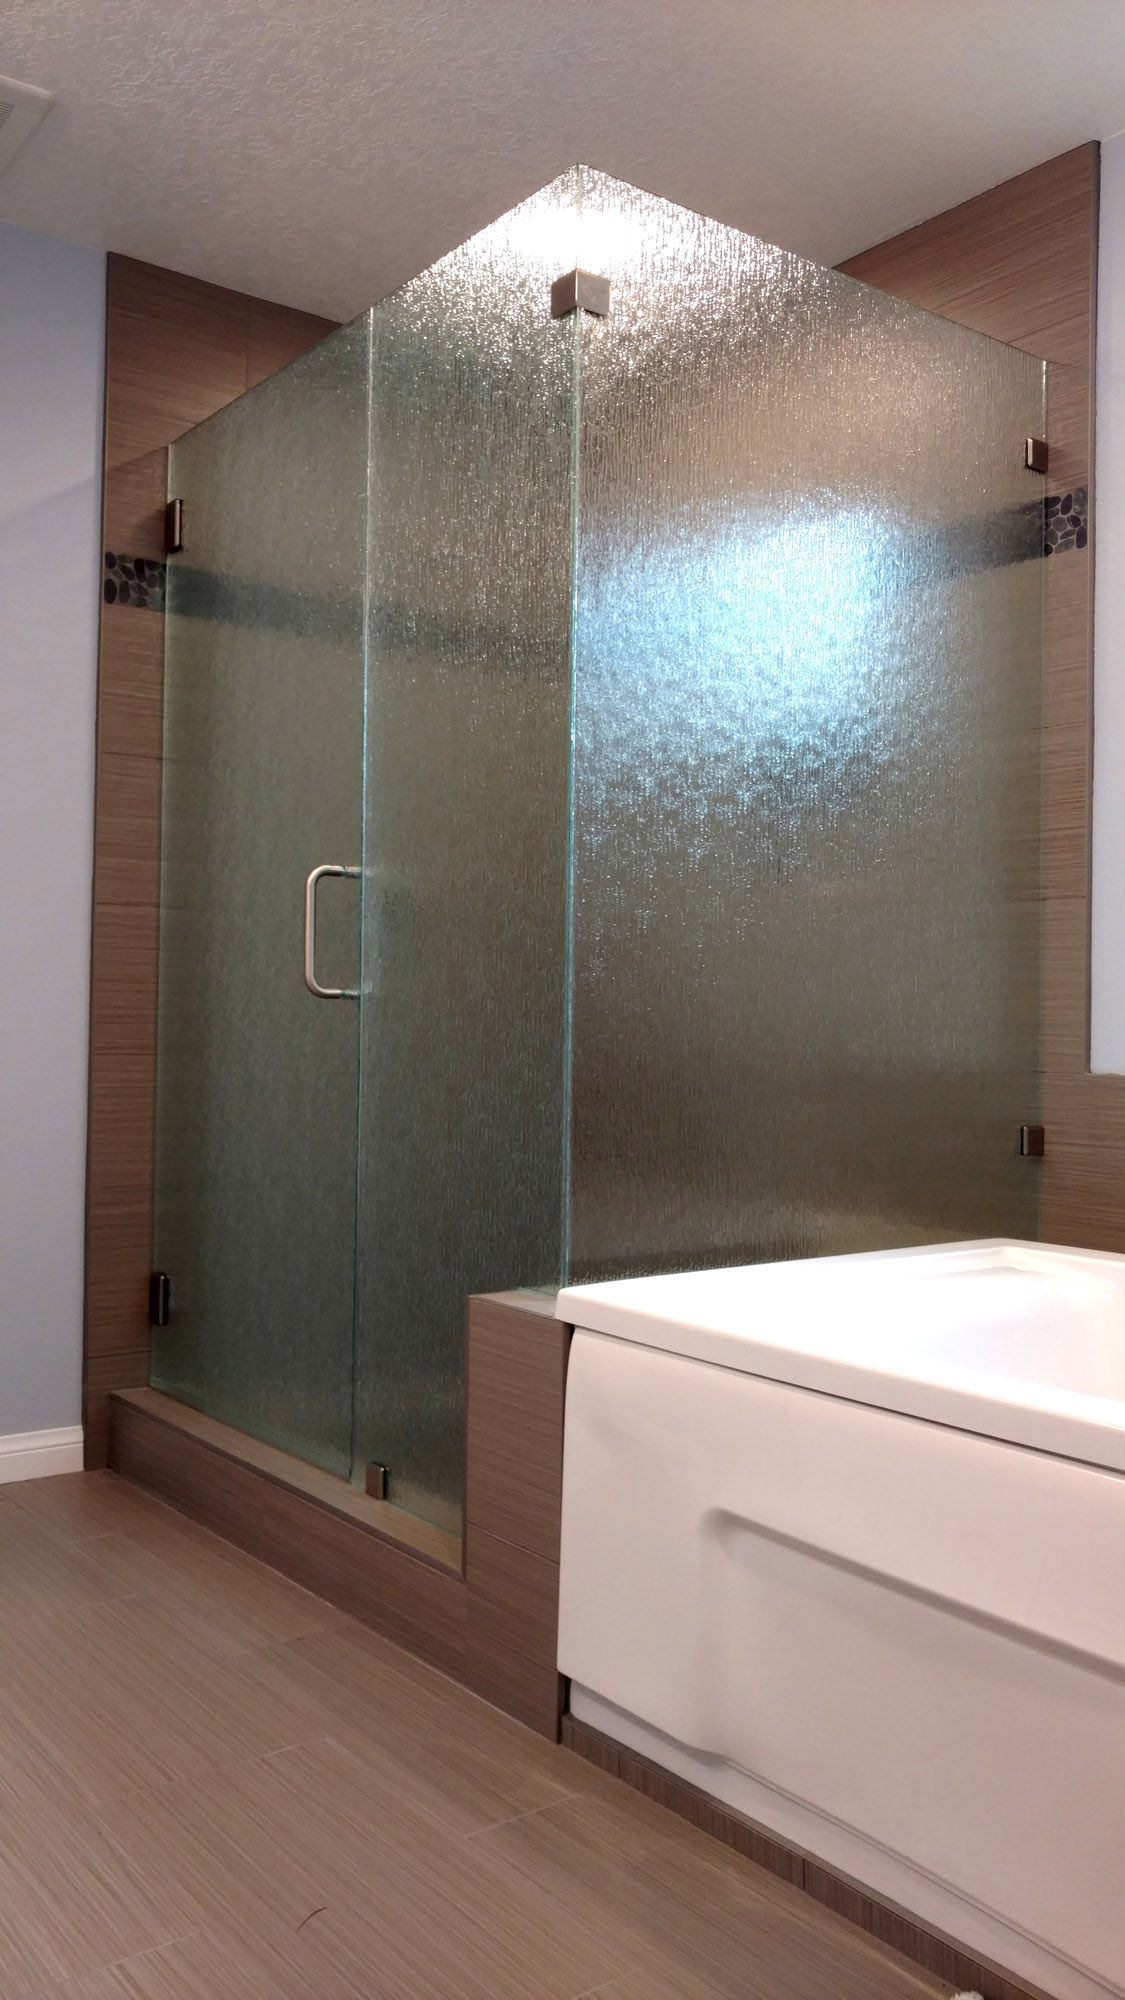 90 Degree Shower Door Gallery Blizzard Frameless